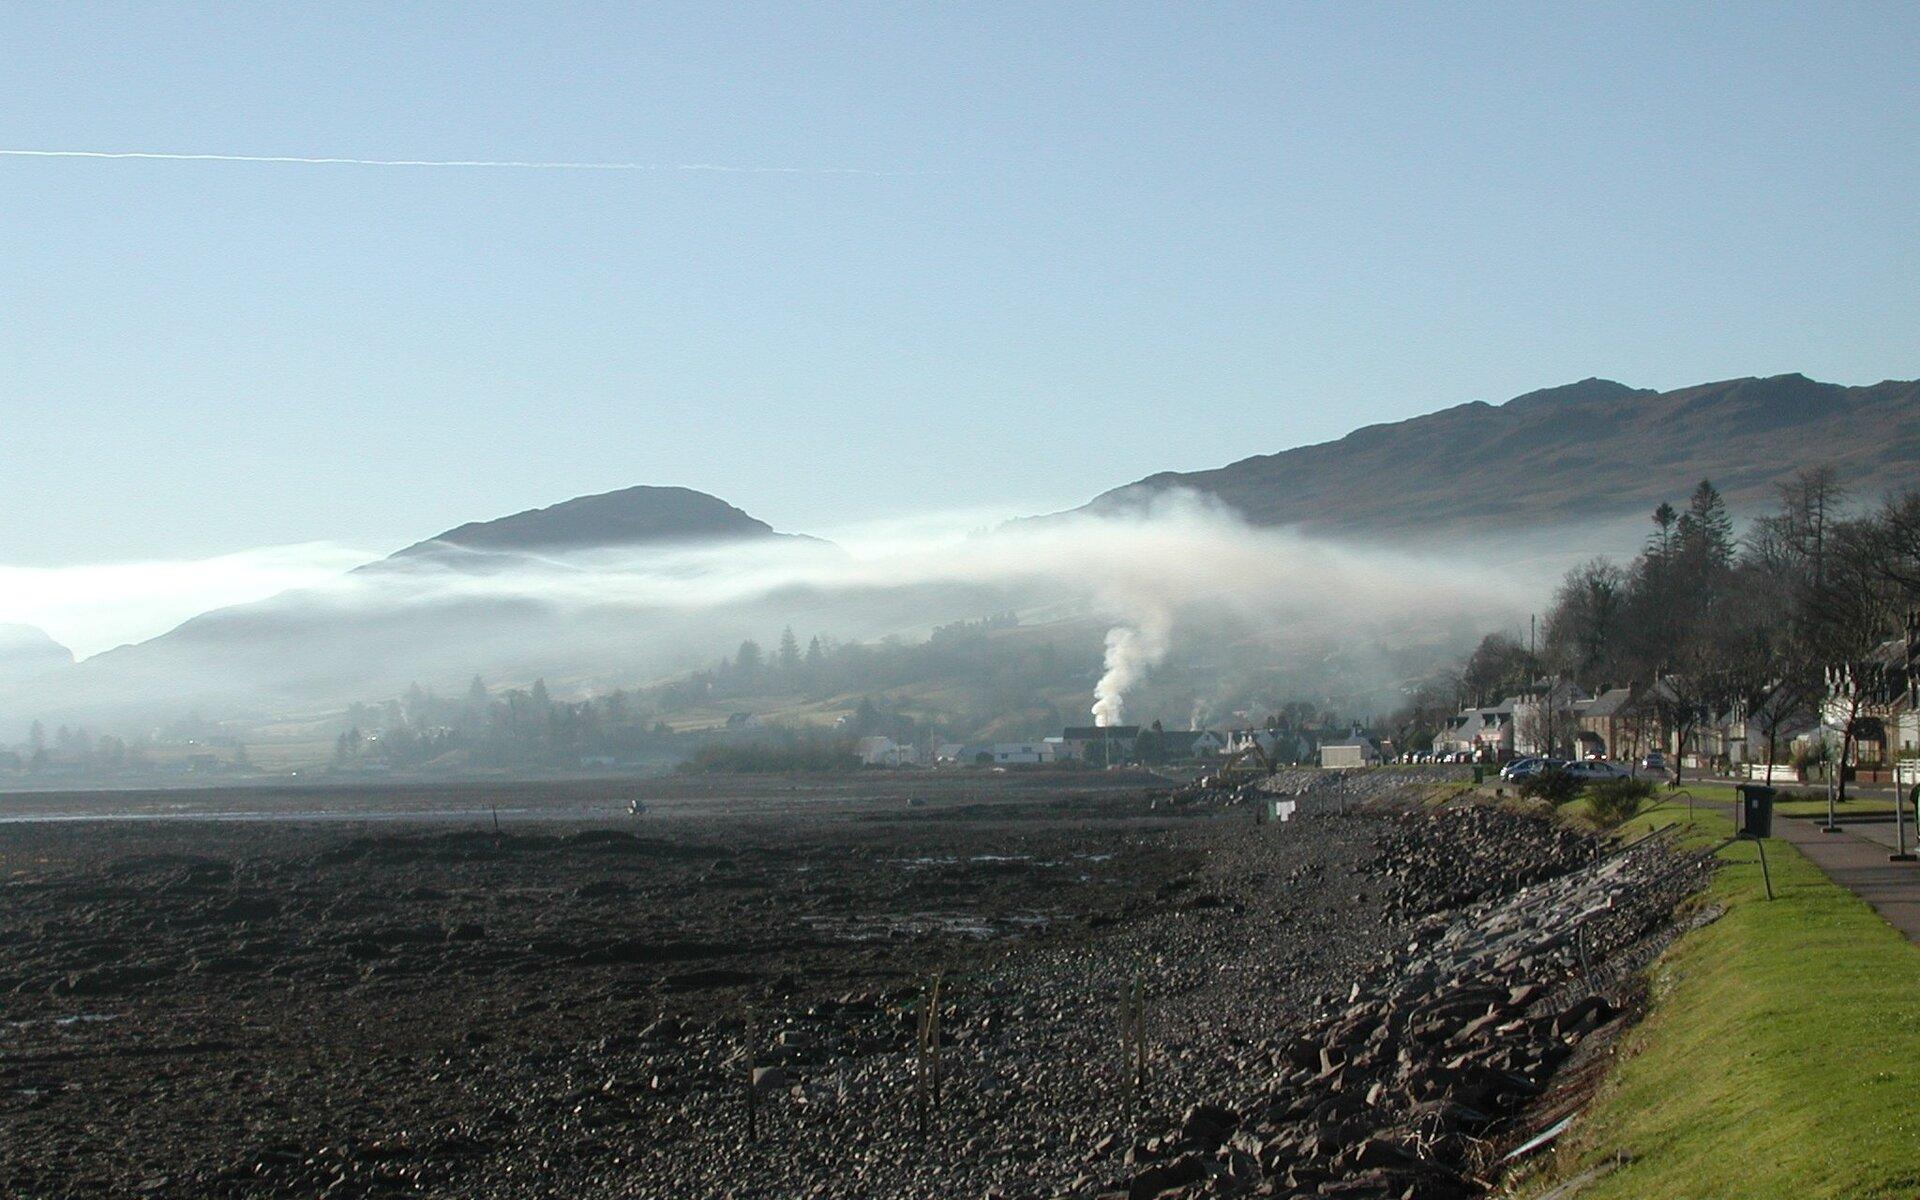 Zdjęcie krajobrazu. Na pierwszym planie błotnista ziemia. Zprawej strony droga itrawa. Wtle teren górzysty. Wcentralnej części dom, zkomina unosi się dym, do pewnej wysokości pionowo. Potem dym rozchodzi się wpoziomie. Dym zatrzymywany jest przez cieplejsze powietrze, wyjątkowo zalegające powyżej chłodniejszego powietrza.